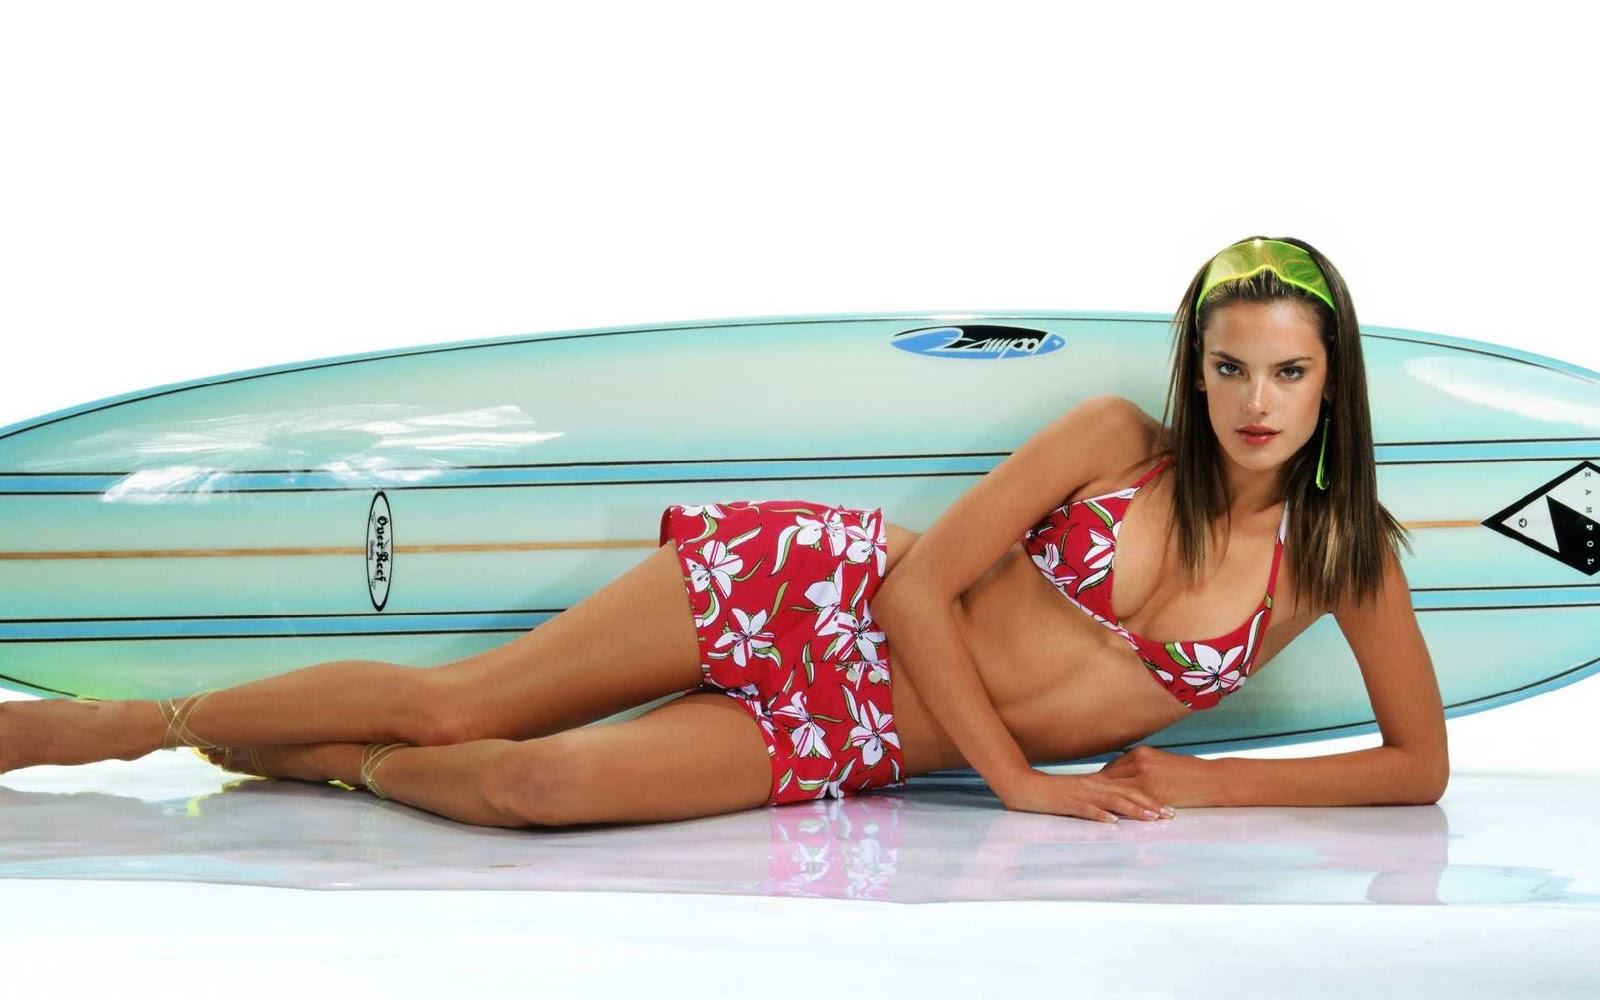 callie thorne nude photos